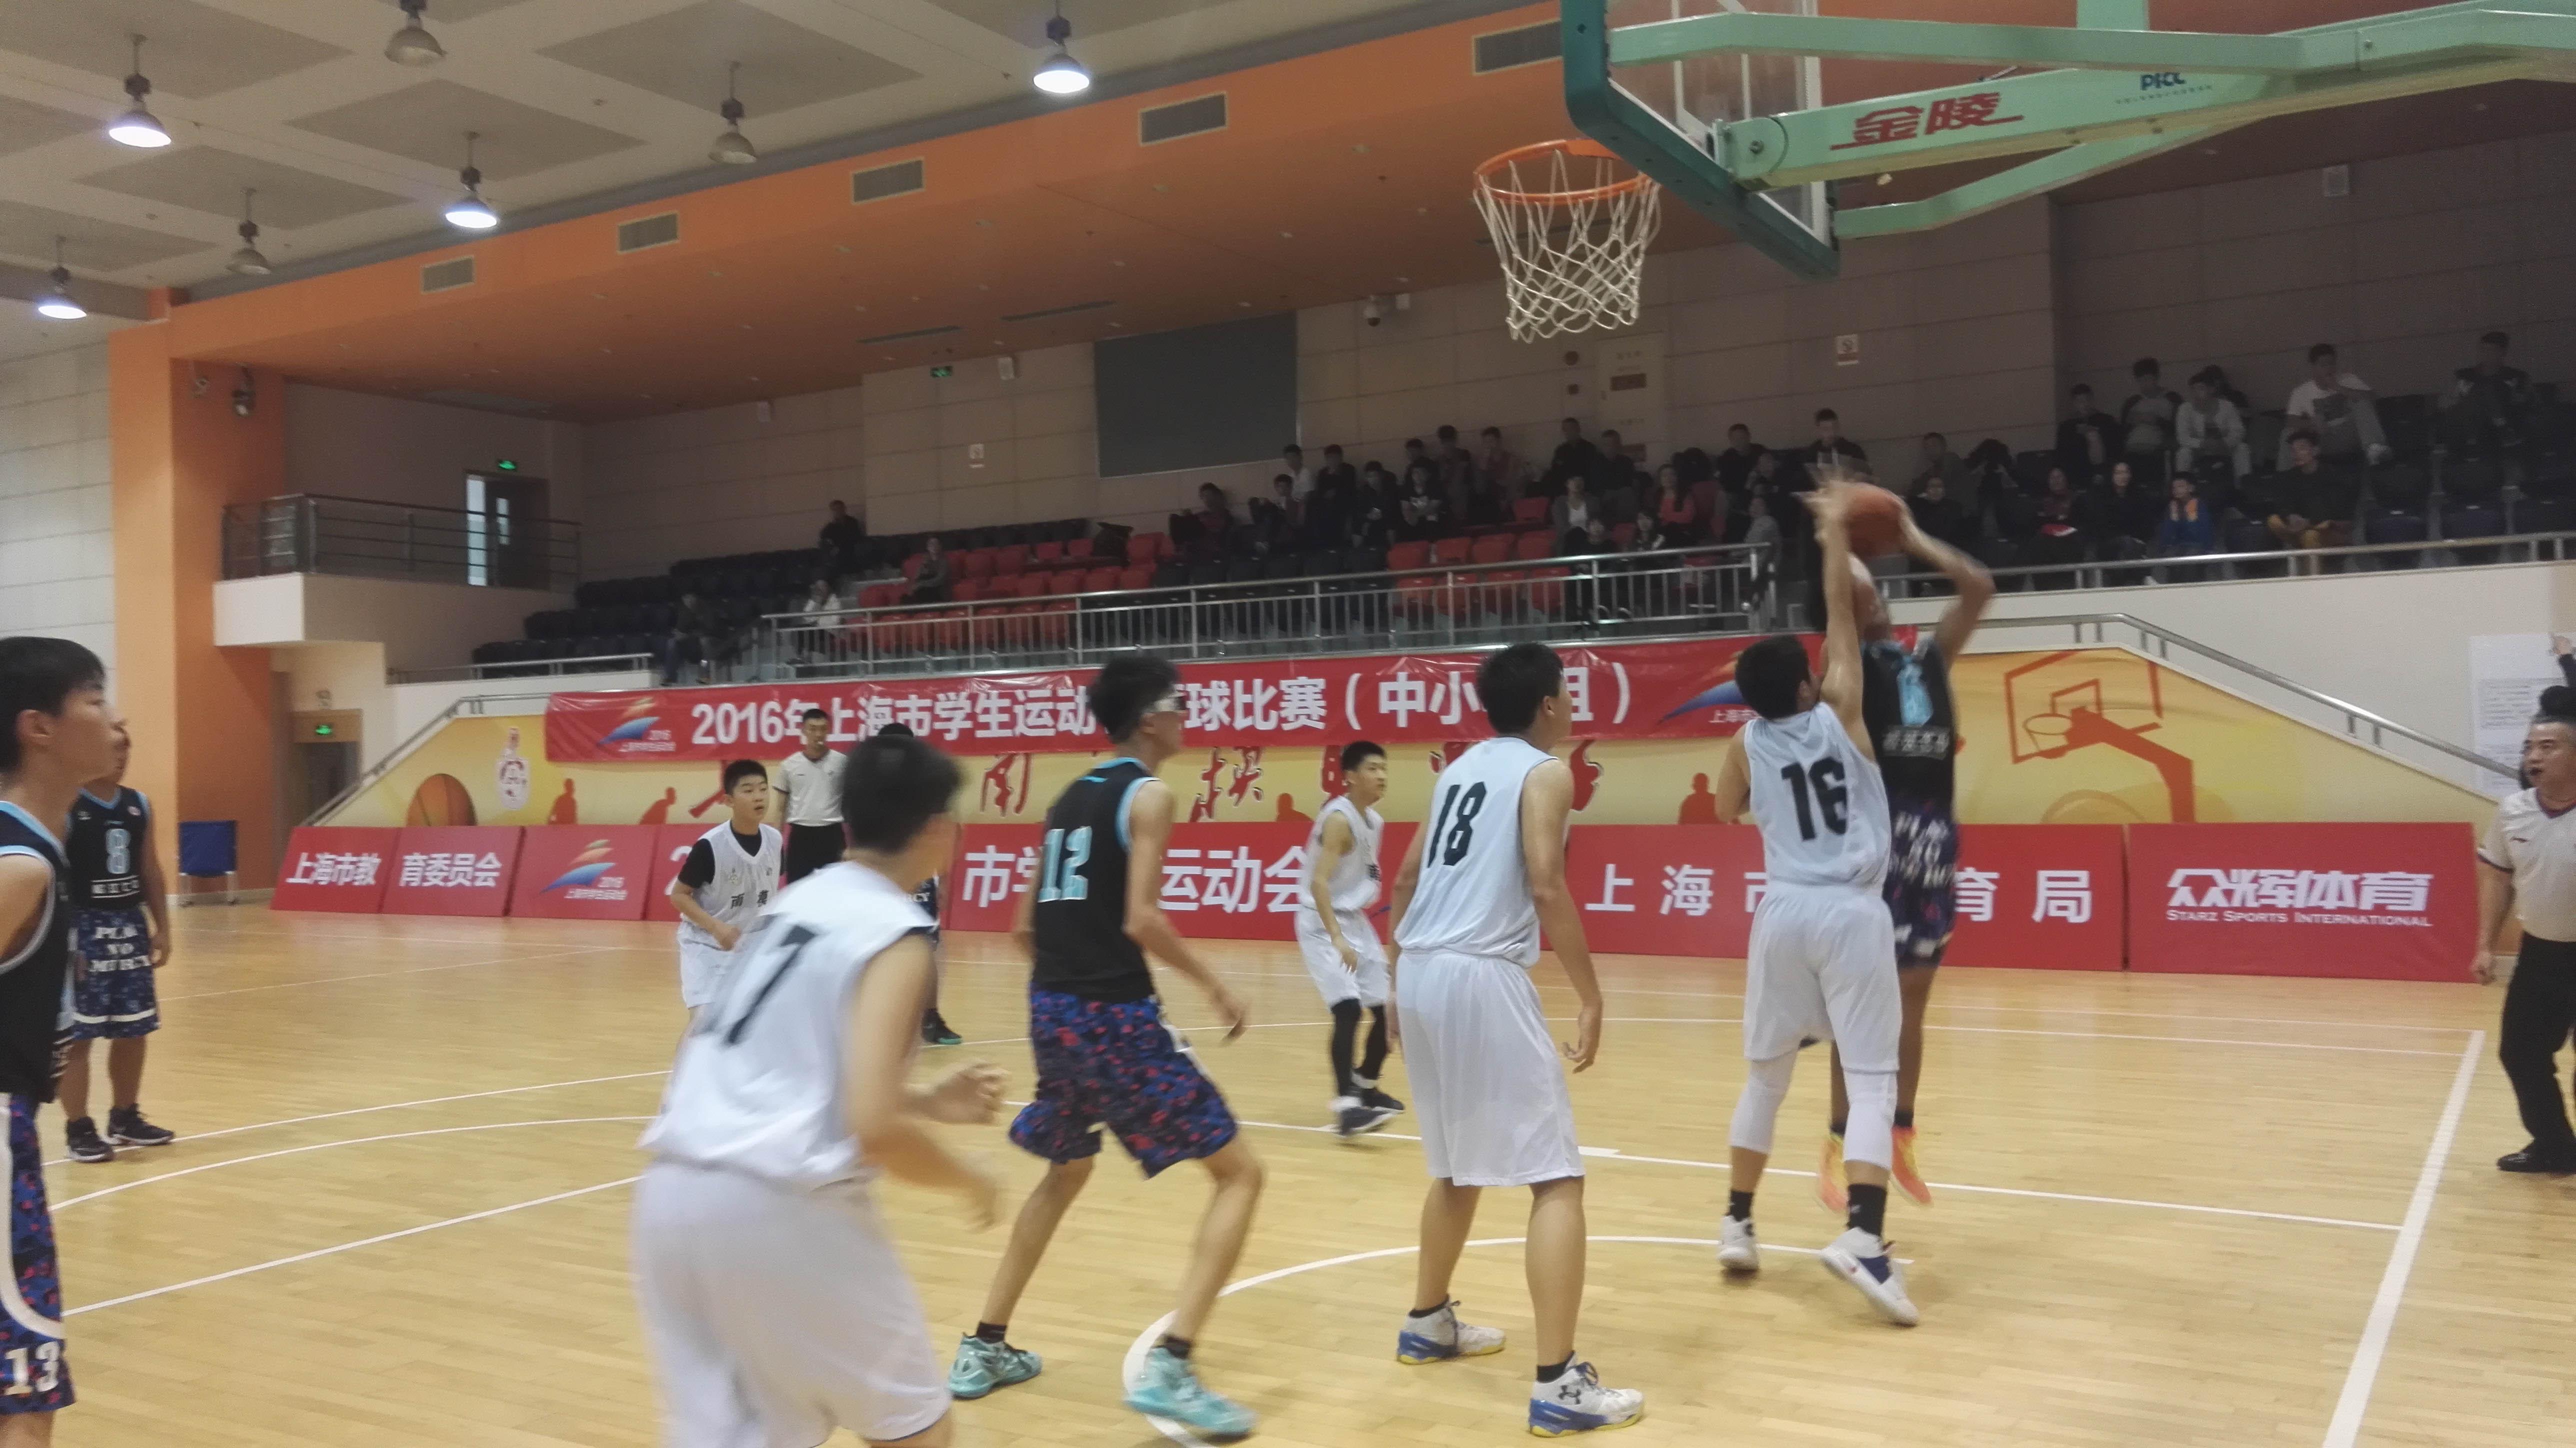 2016年上海市学生运动会篮球比赛